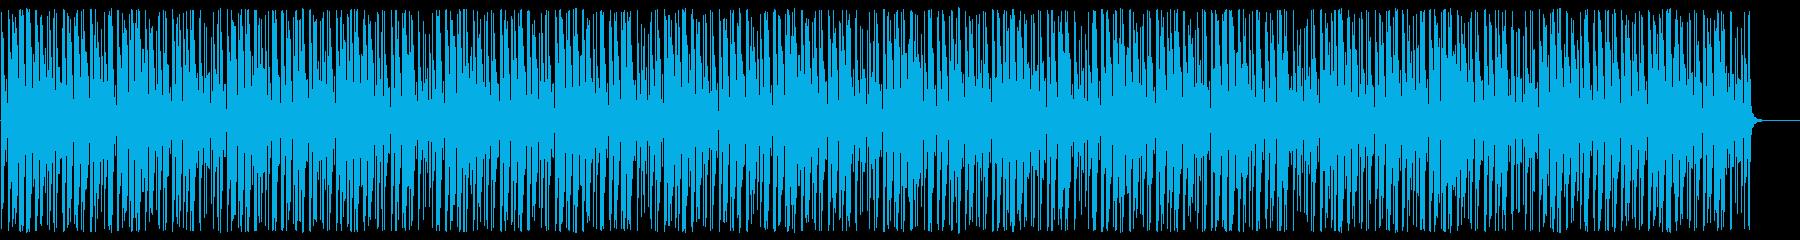 ほのぼのほんわかライブ配信&動画用BGMの再生済みの波形